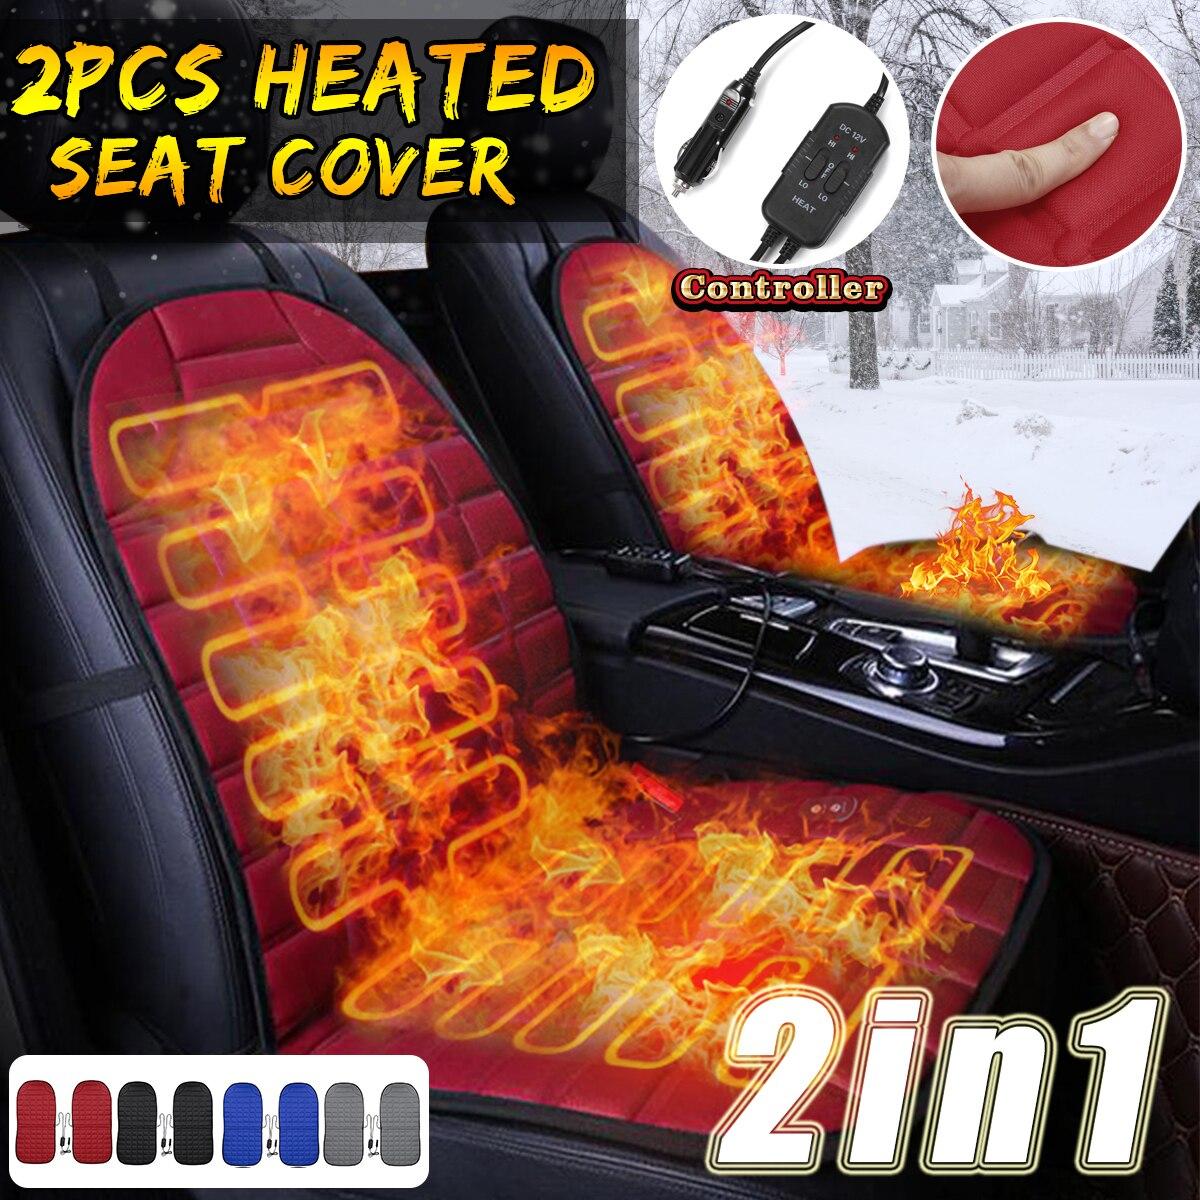 2 pces em 1 rápido aquecido & ajustável preto/cinza/azul/vermelho carro elétrico assento aquecido estilo do carro almofadas almofada inverno tampas de automóveis